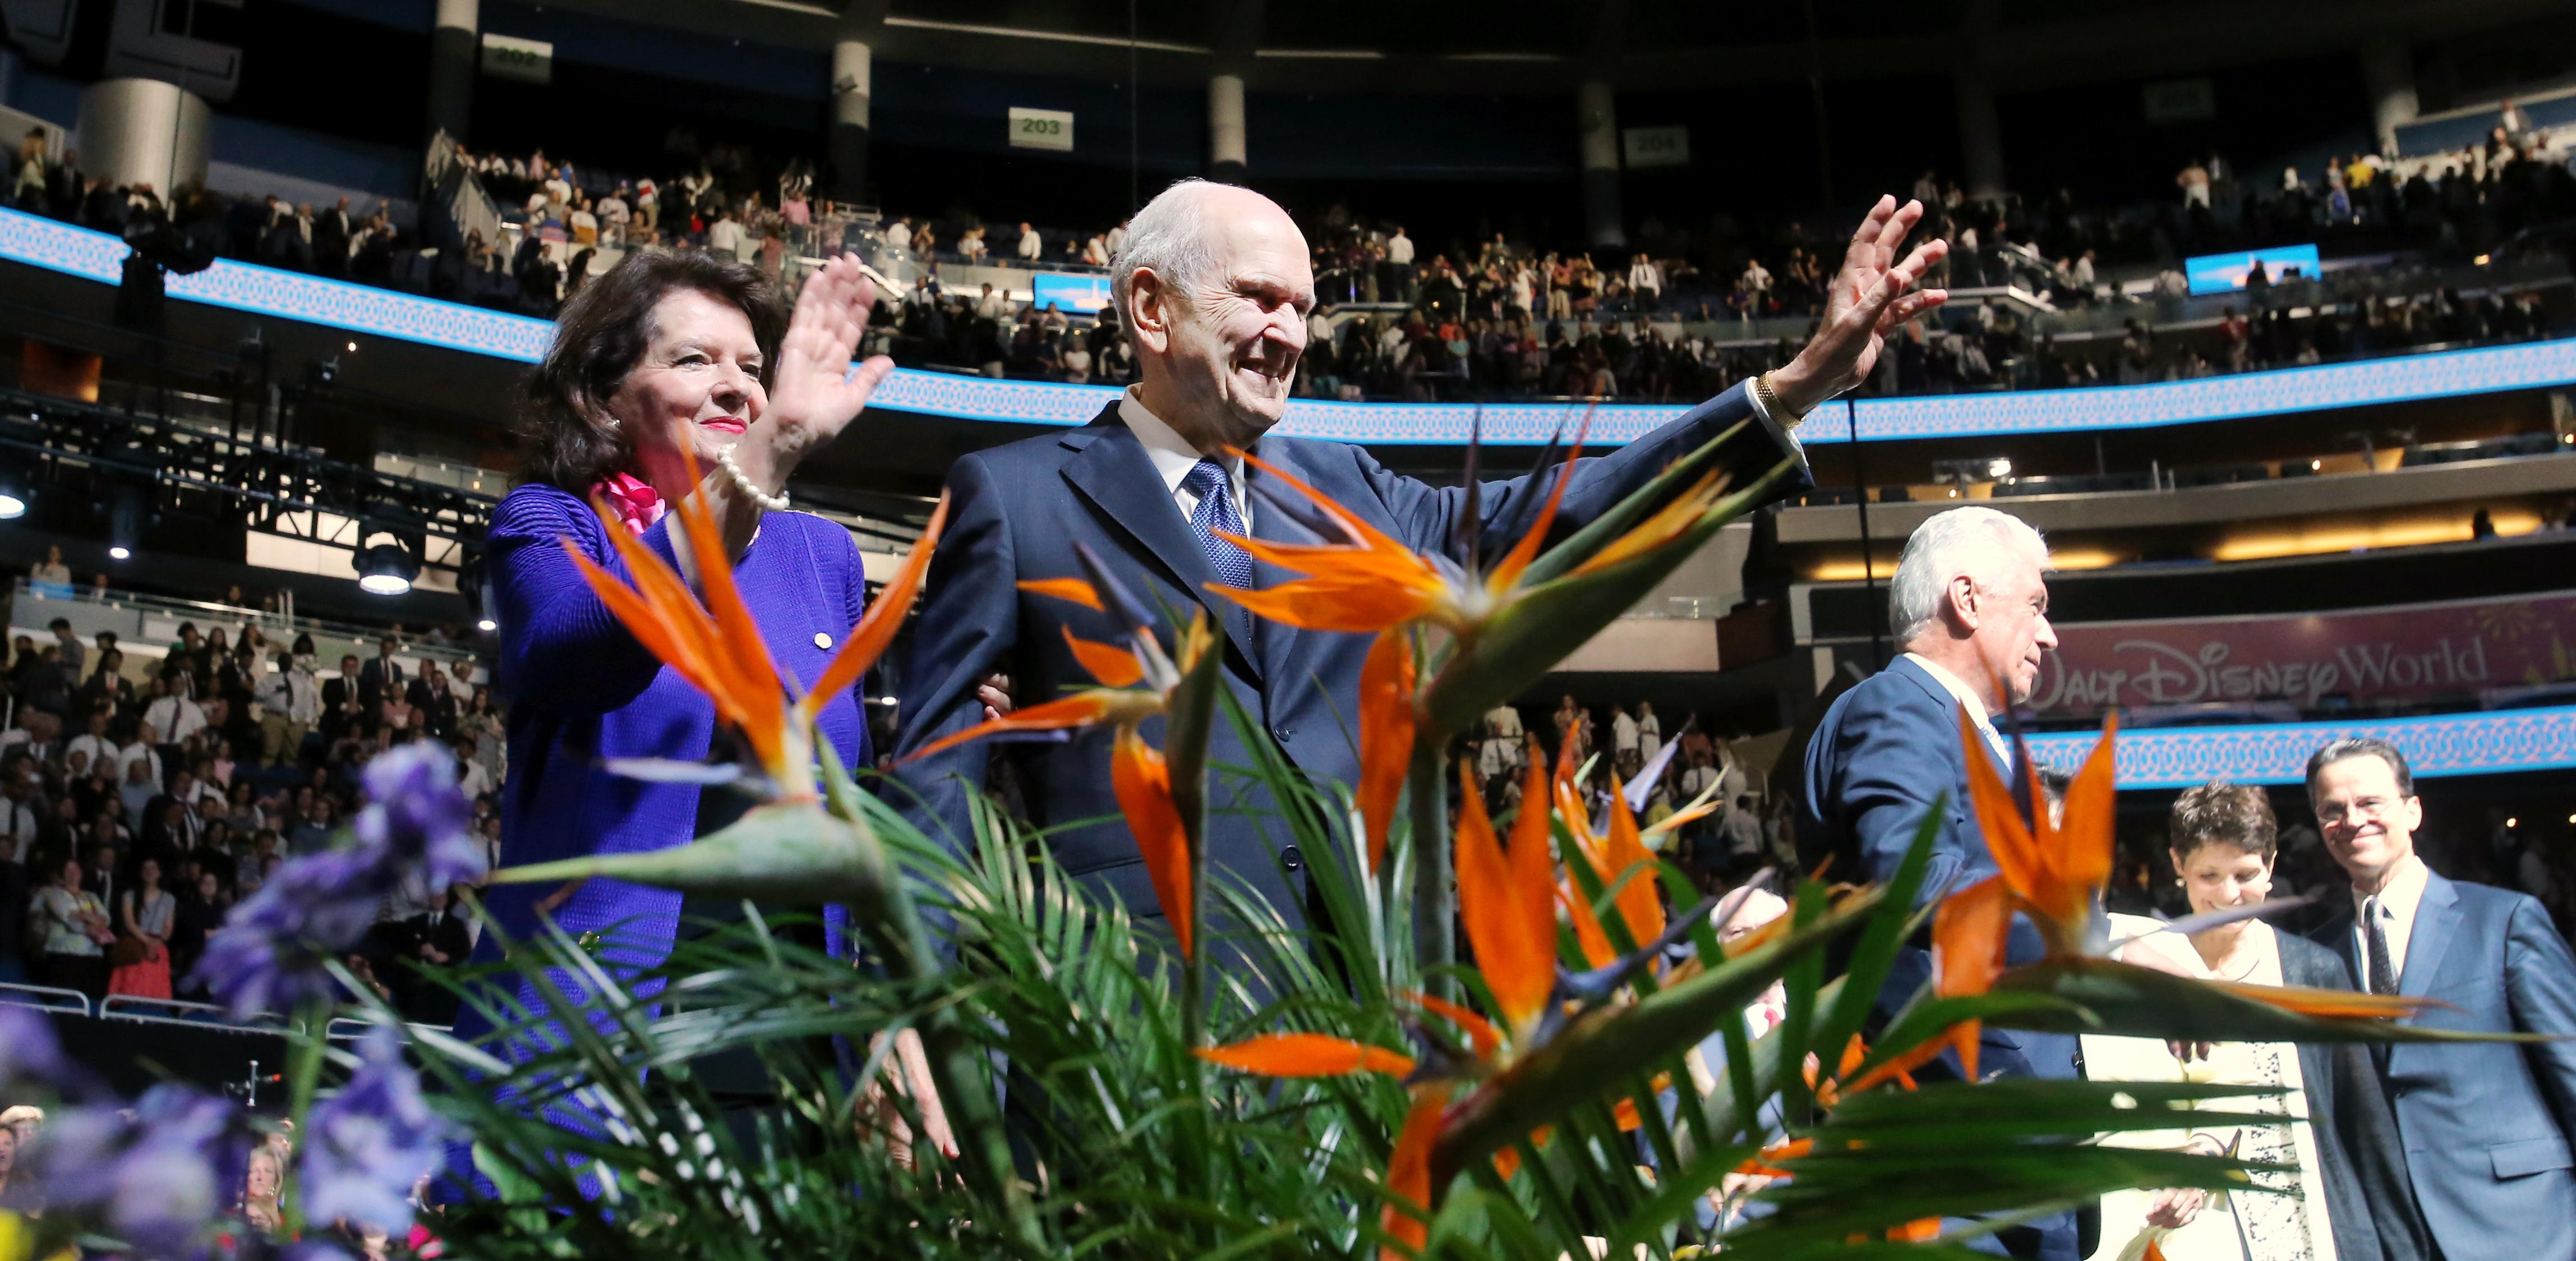 El presidente Russell M. Nelson y su esposa, la hermana Wendy Nelson, sonríen y saludan a los asistentes al Centro Amway después del devocional del 9 de junio de 2019 en Orlando, Florida.